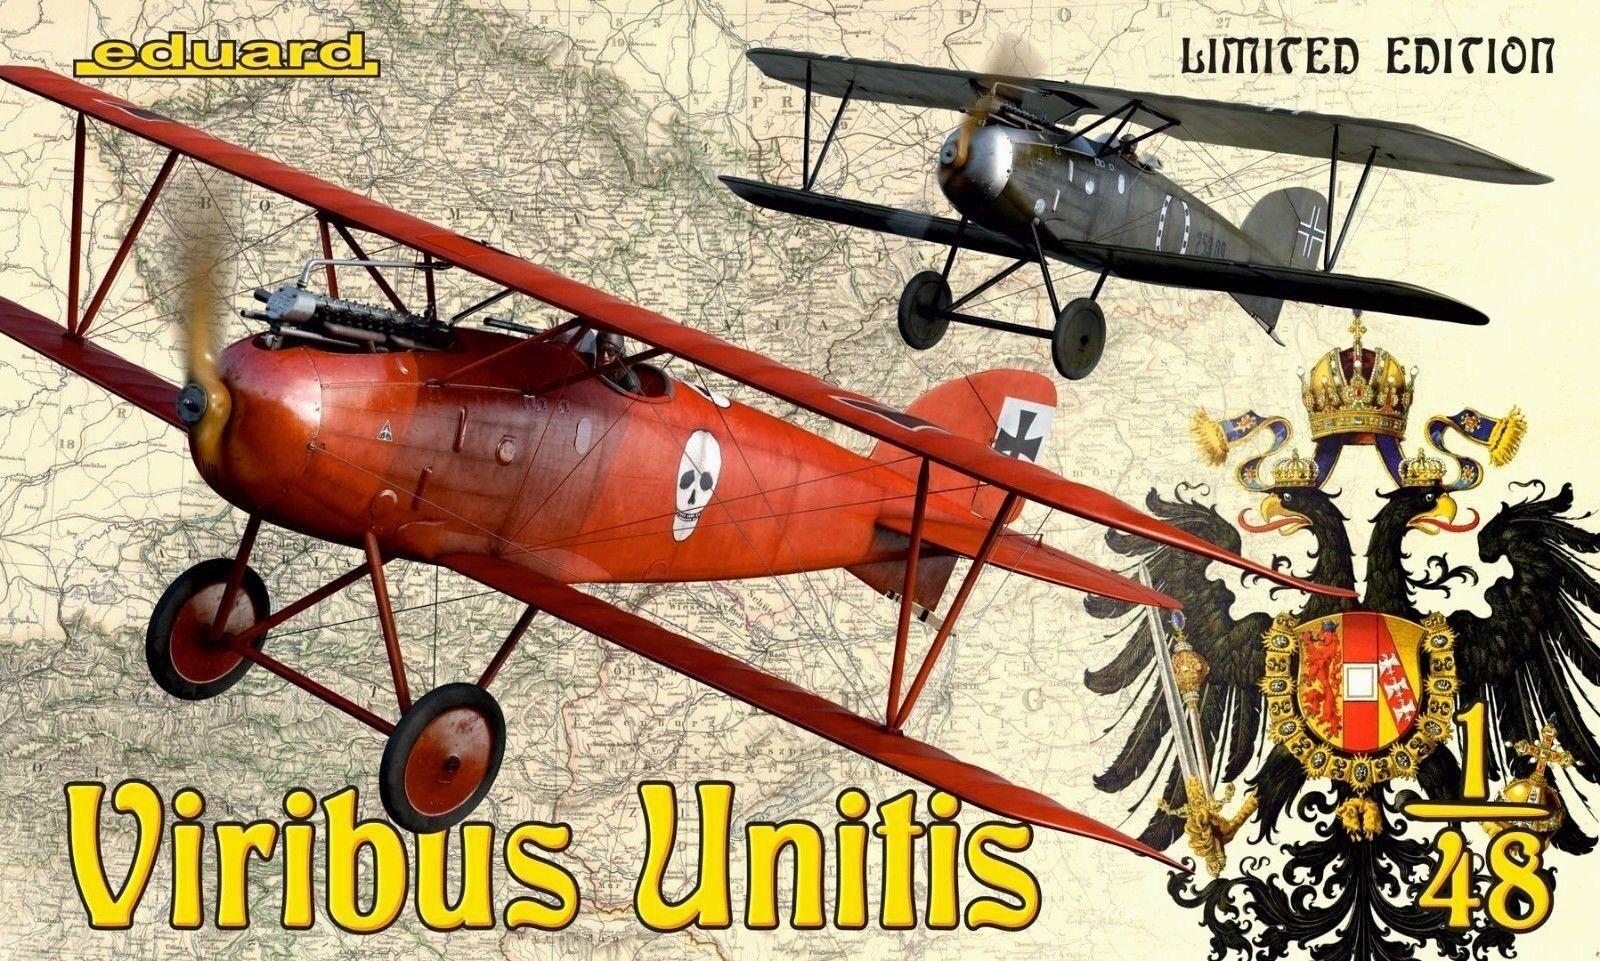 Eduard Ltd Ed 1 48 Albatros D.III Oeffag  Viribus Unitis   2 Aircraft Model Kit